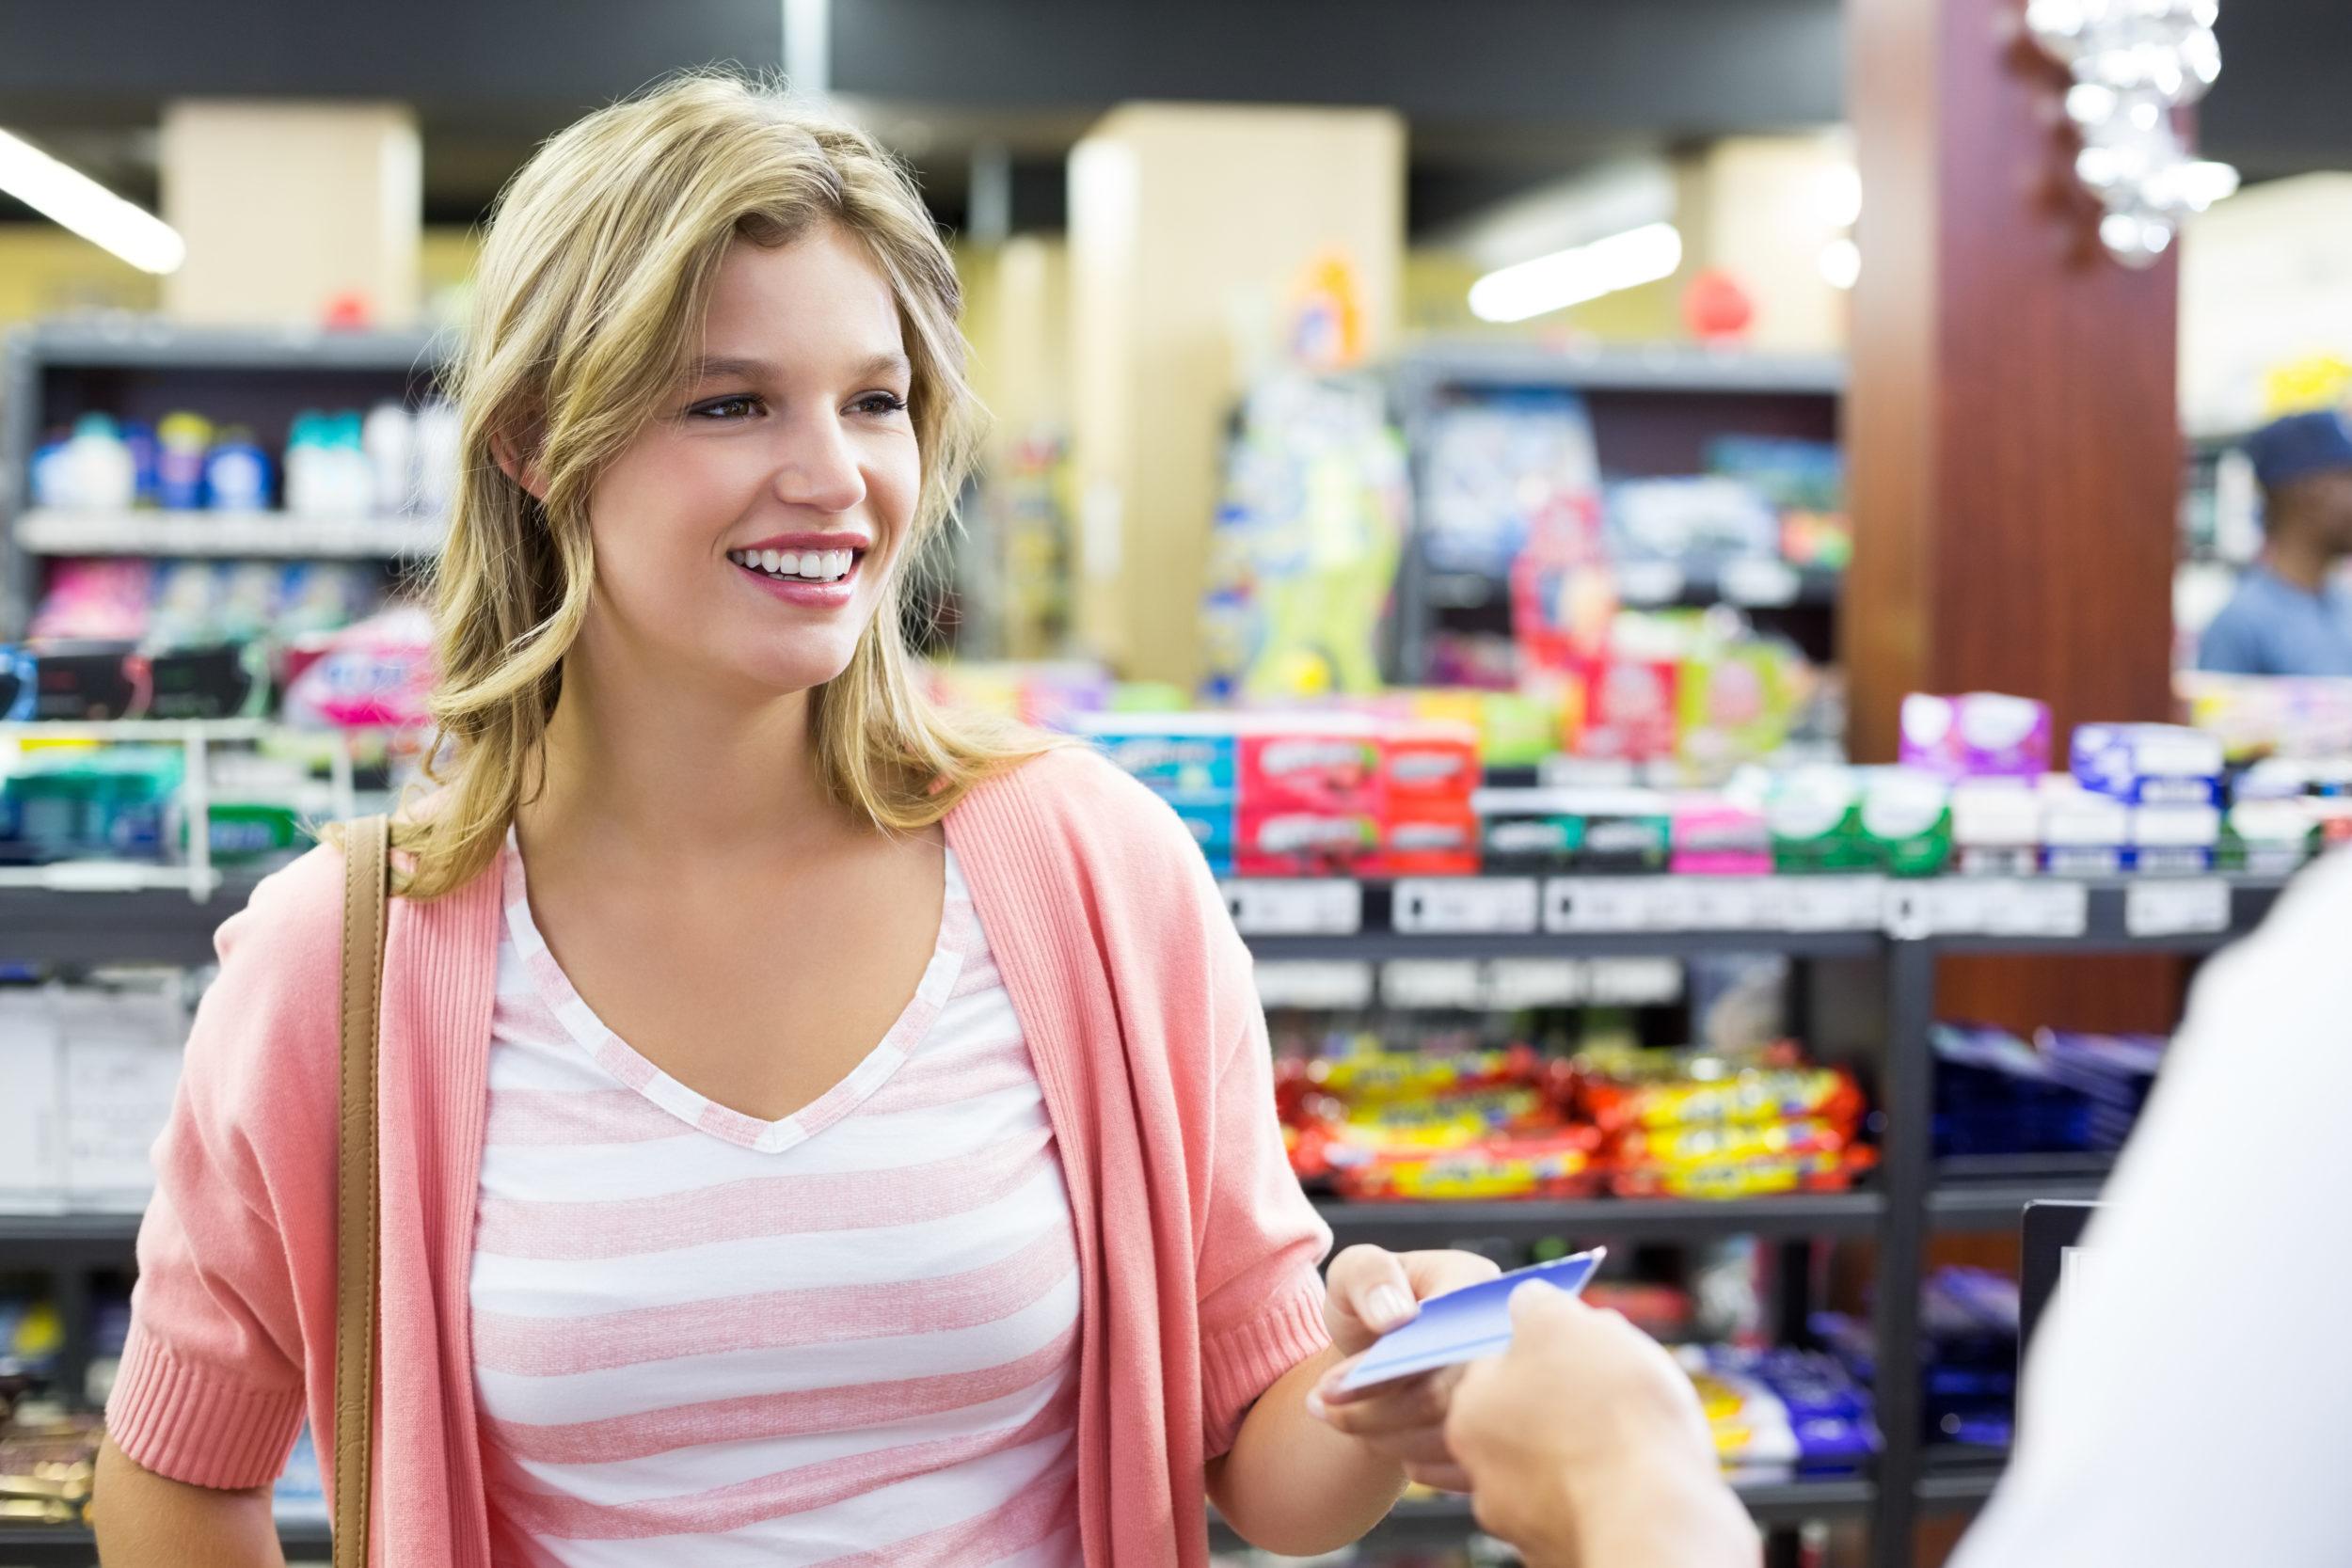 Femme effectuant un achat dans un commerce à l'aide d'une carte de crédit